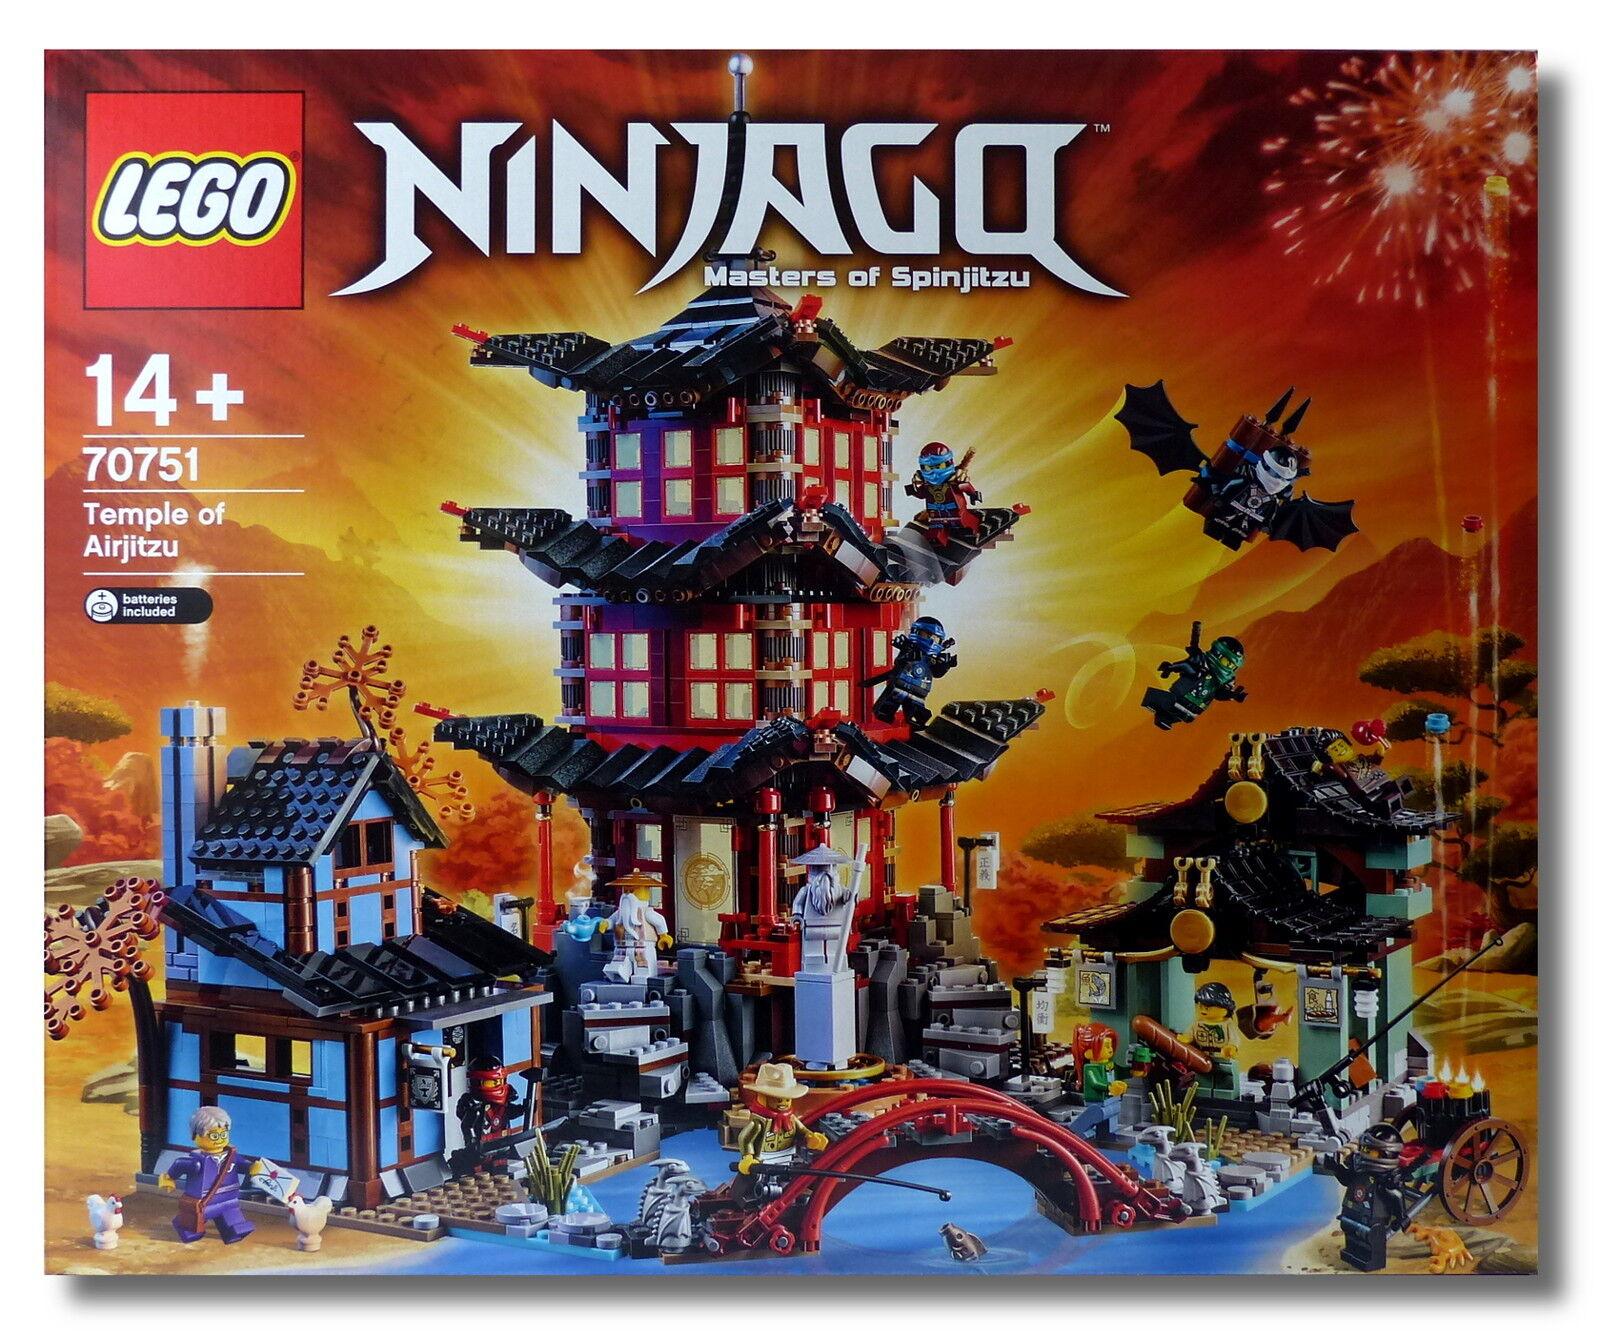 LEGO ® Ninjago ™ 70751  Tempio del airjitzu  esclusivo Set Collector 2015 Nuovo/Scatola Originale